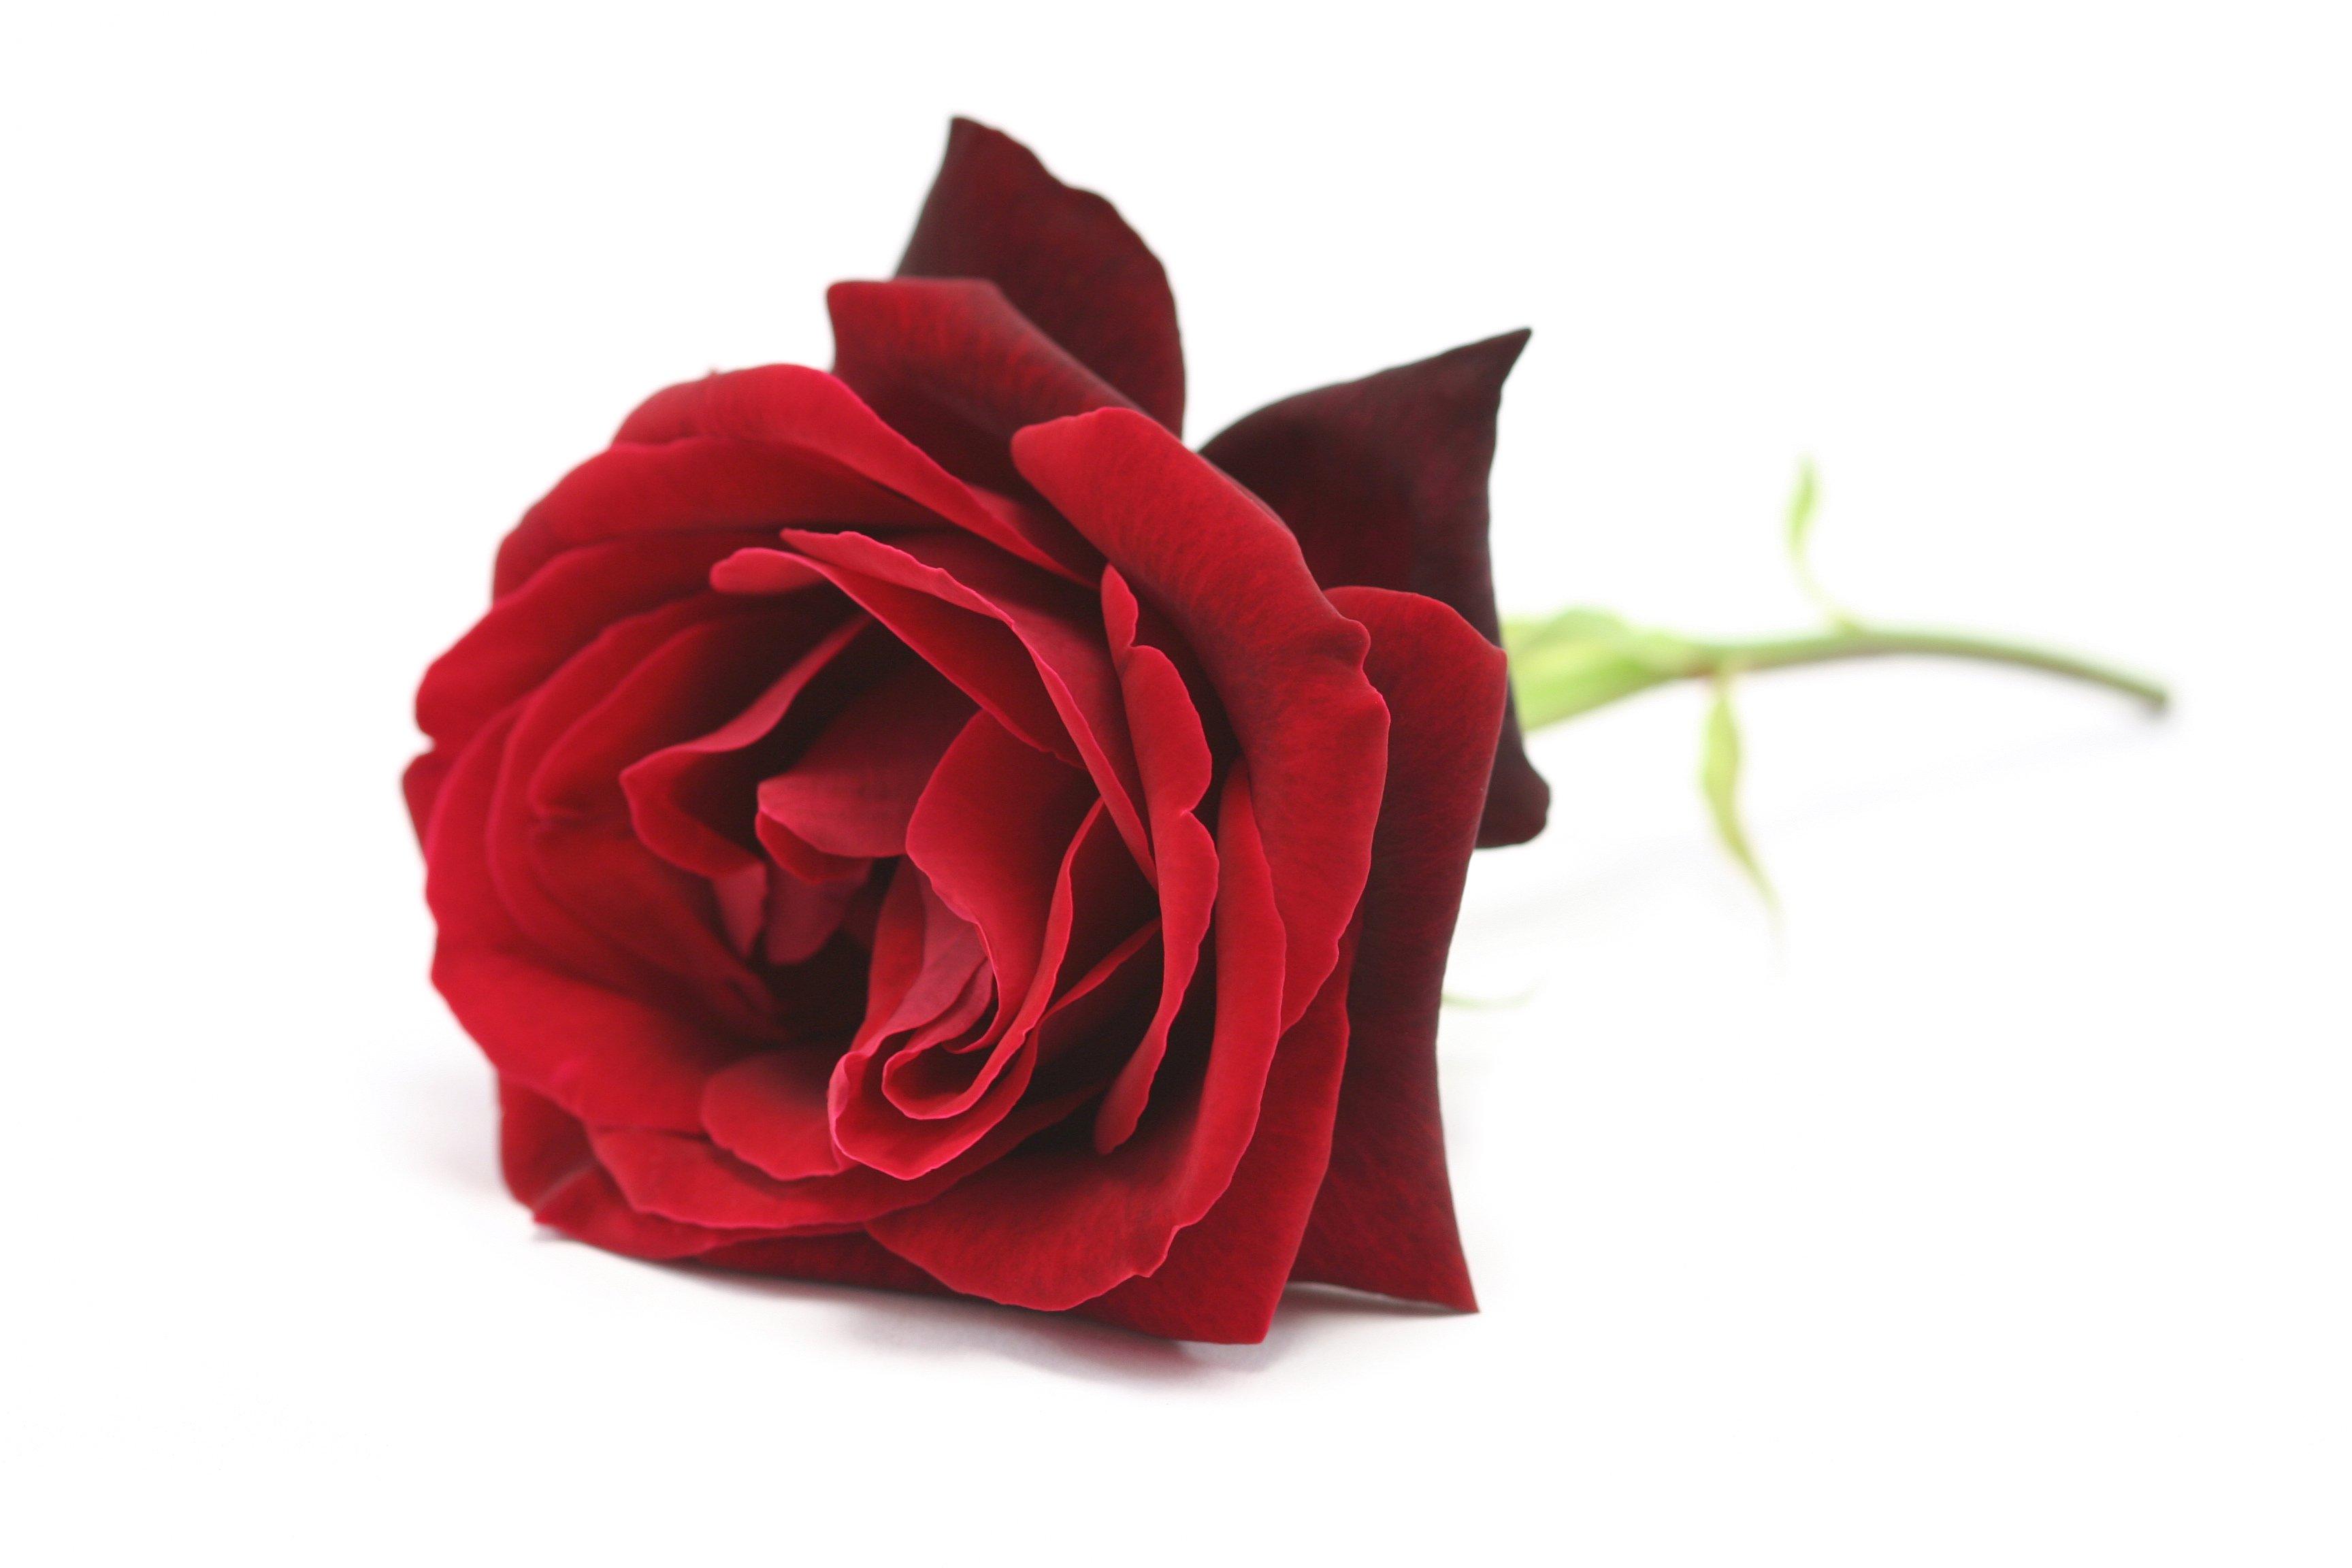 Hình ảnh hoa hồng sinh nhật đẹp